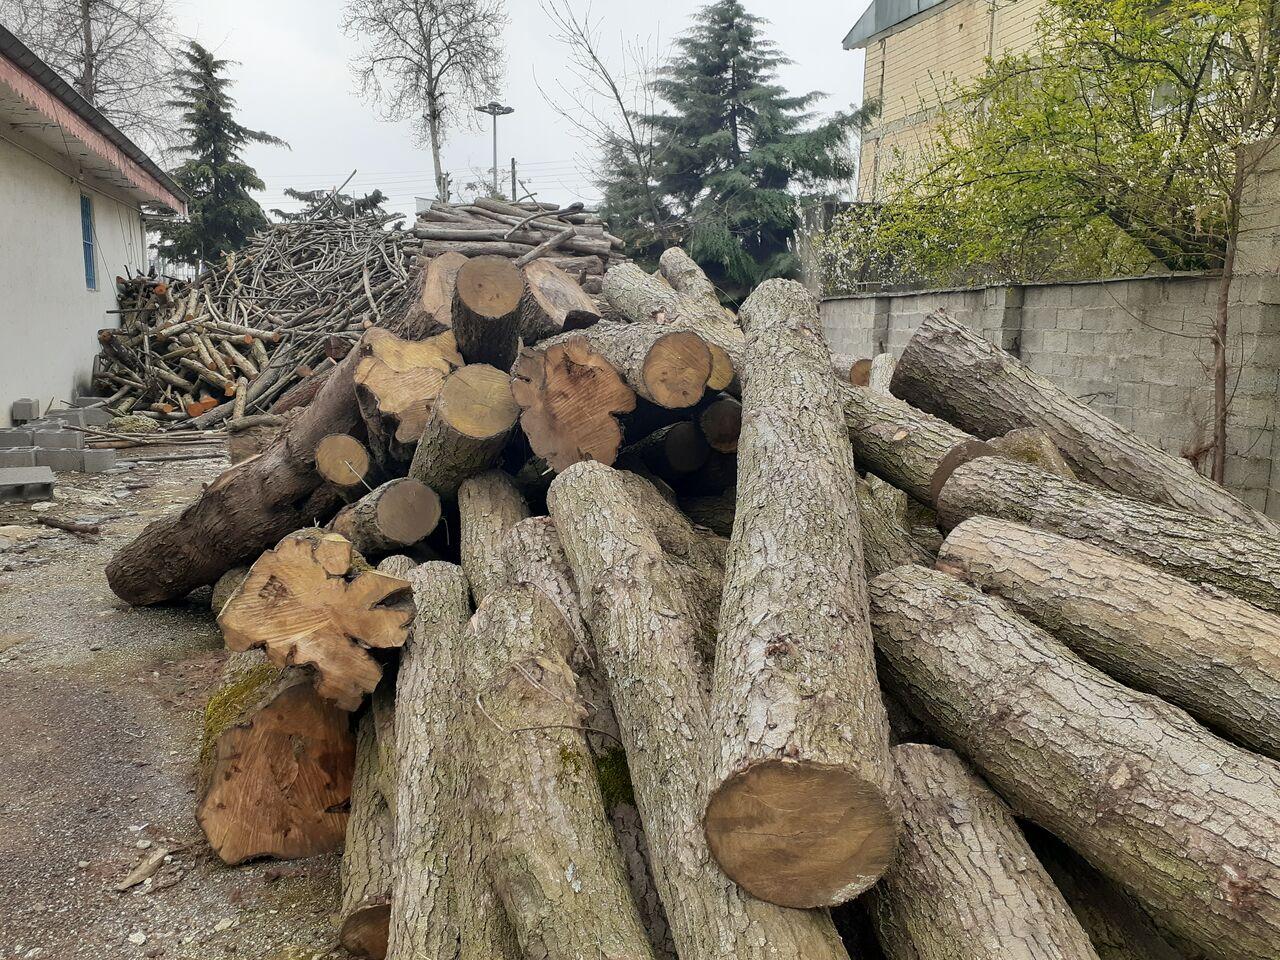 کشف و ضبط ۱۰ تن چوب قاچاق در مناطق حفاظت شده صومعه سرا